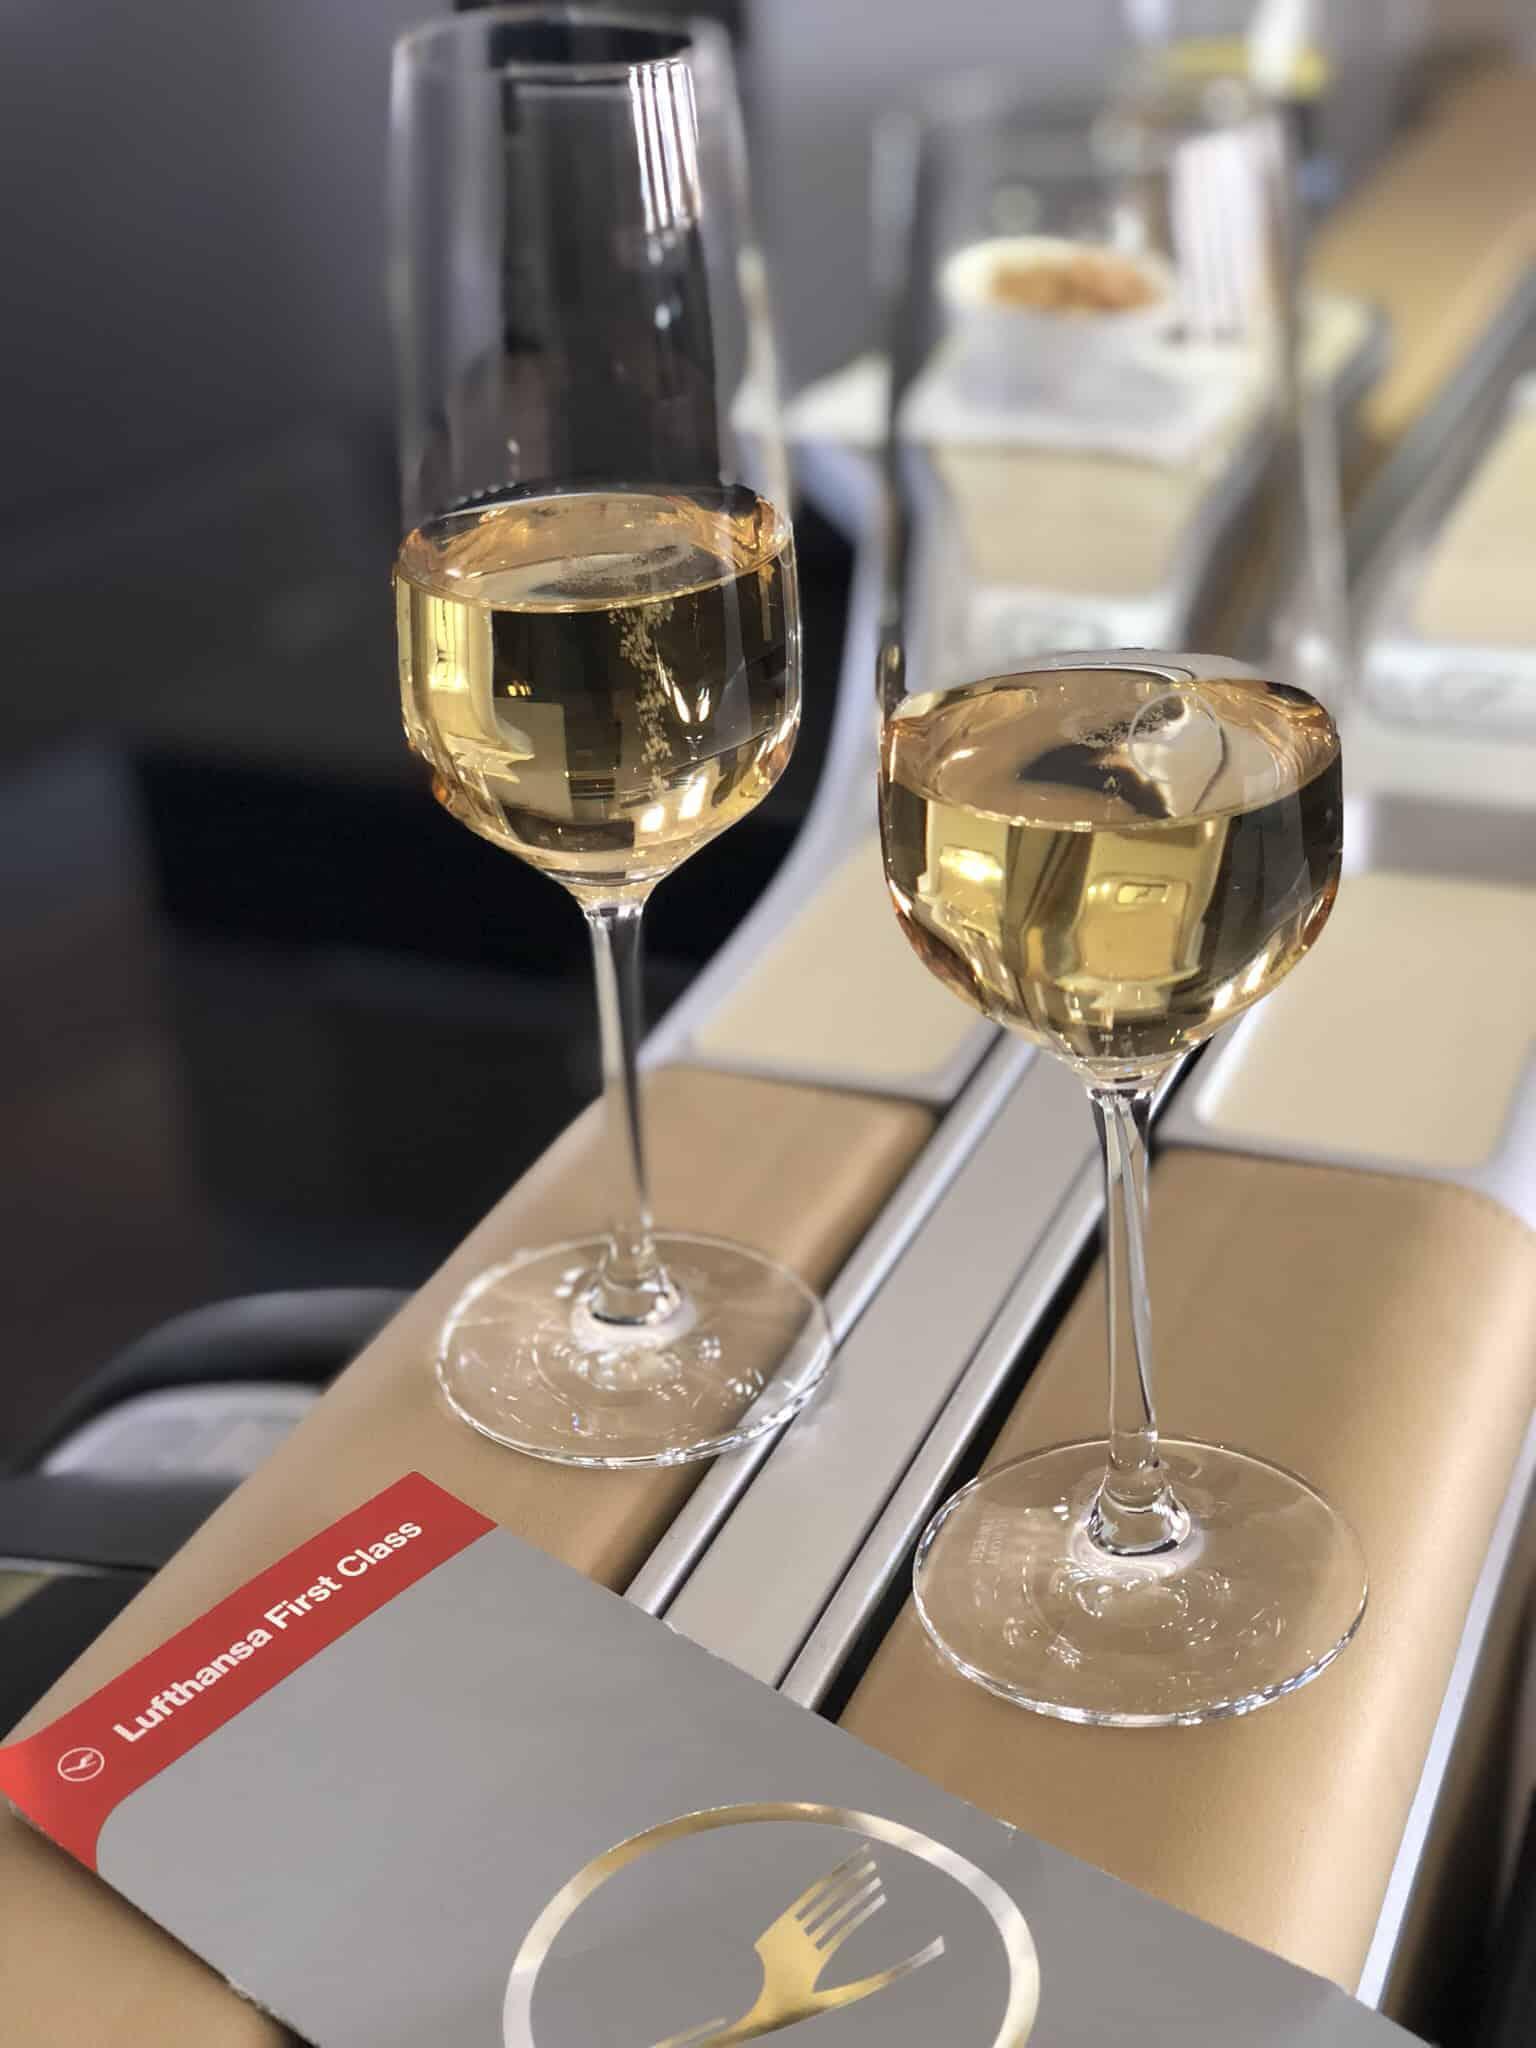 Lufthansa First Class Champagner